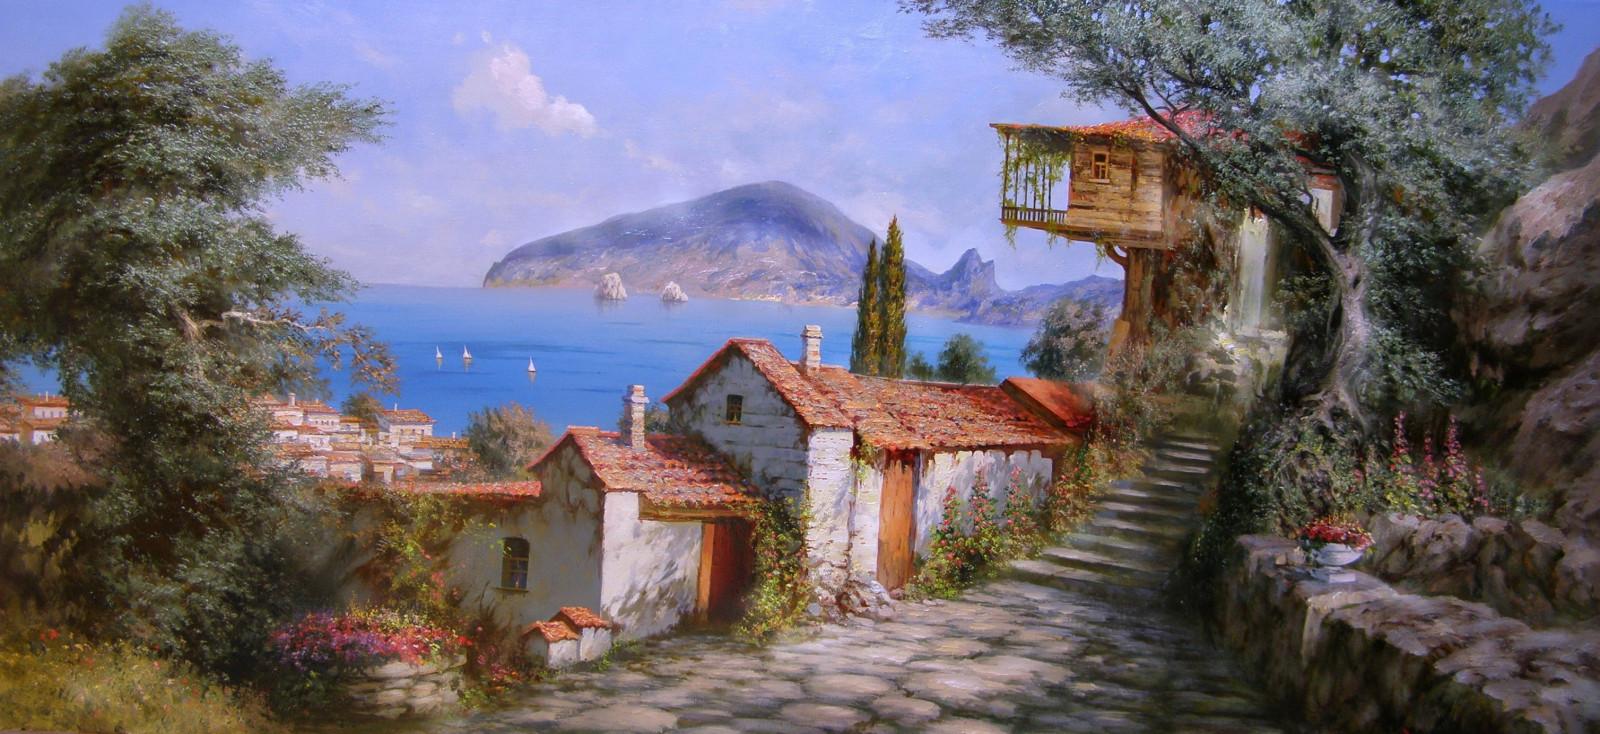 Sfondi la pittura cielo casa turismo bokeh for Foto di decorazione della casa del cottage